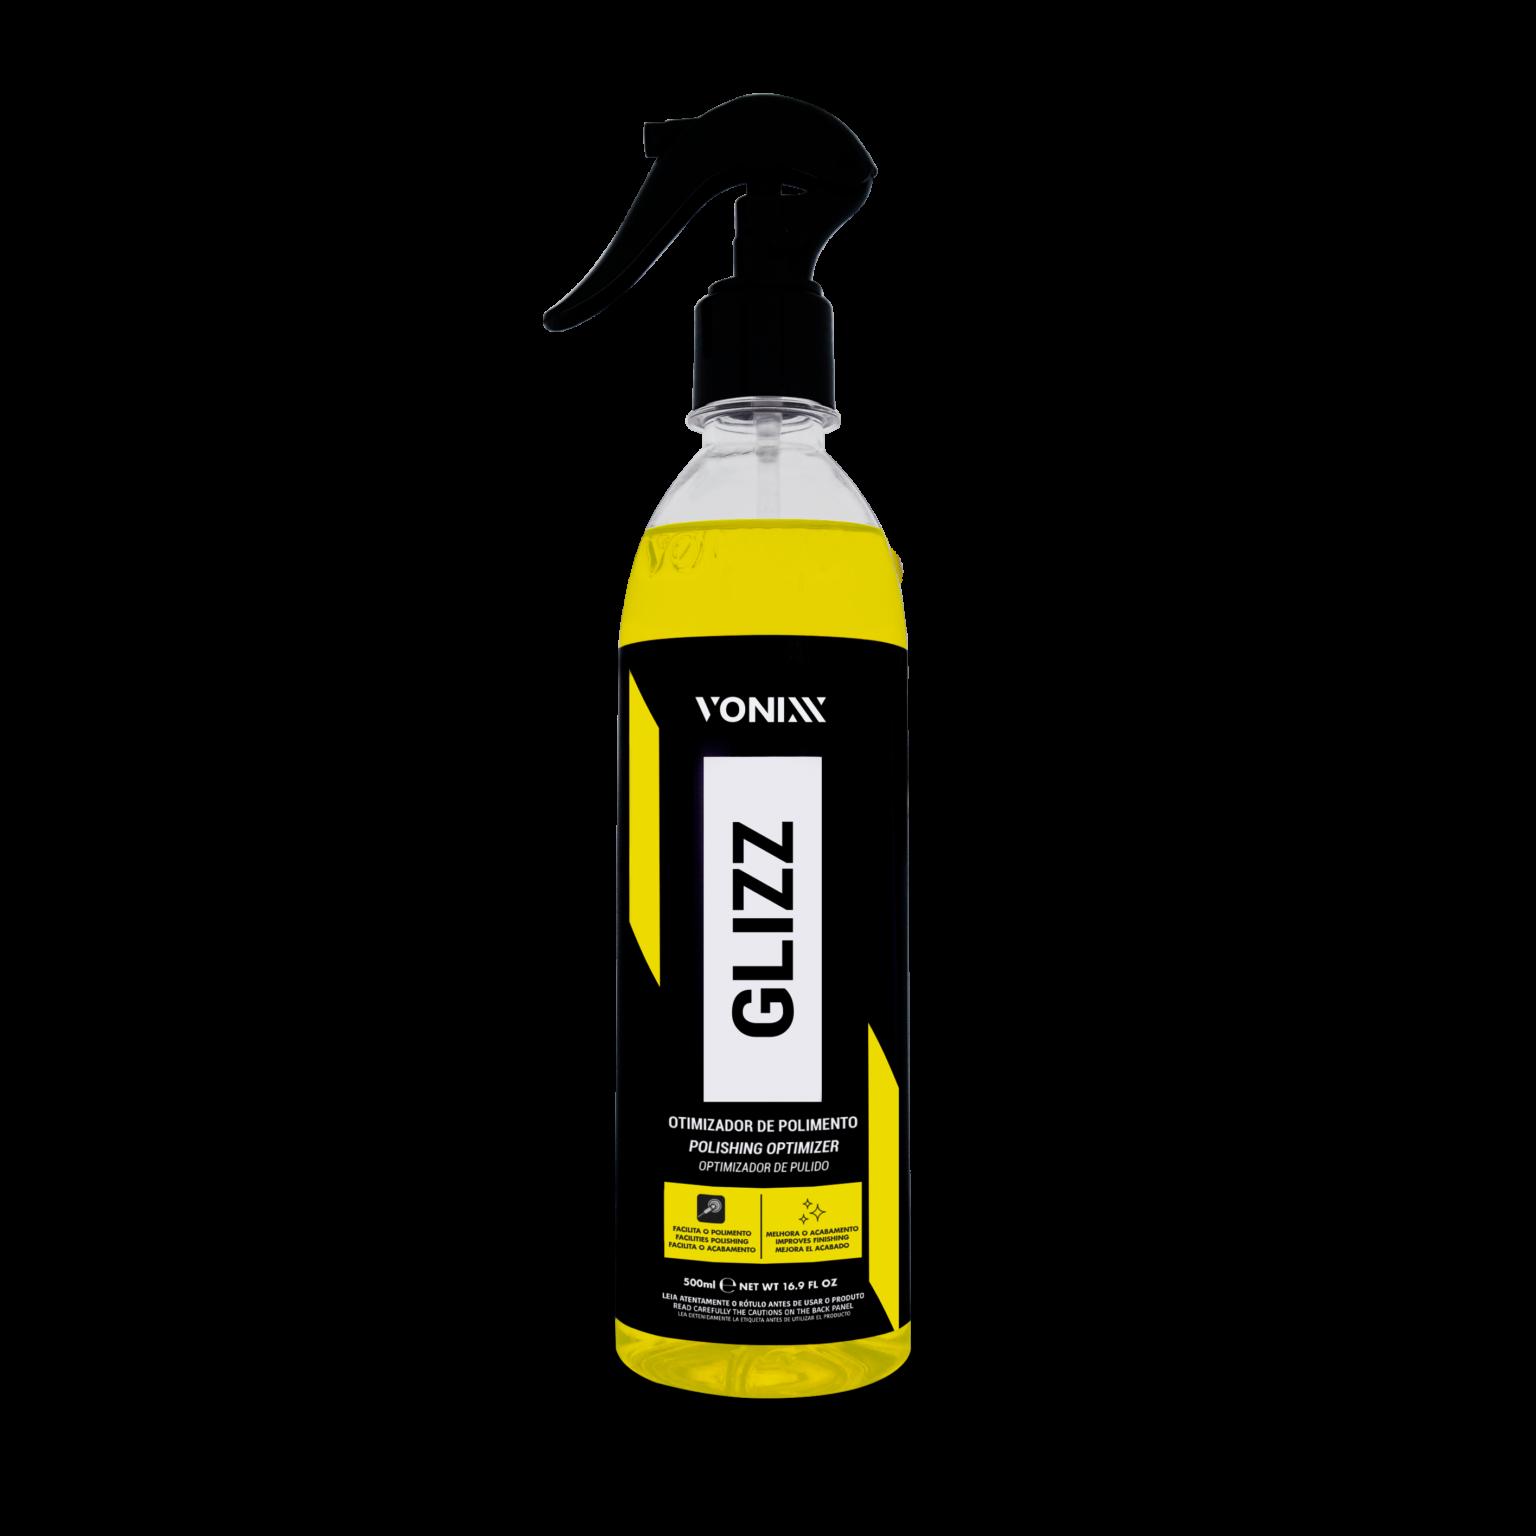 Vonixx Glizz 500ml - Otimizador Lubrificante Para Polimento